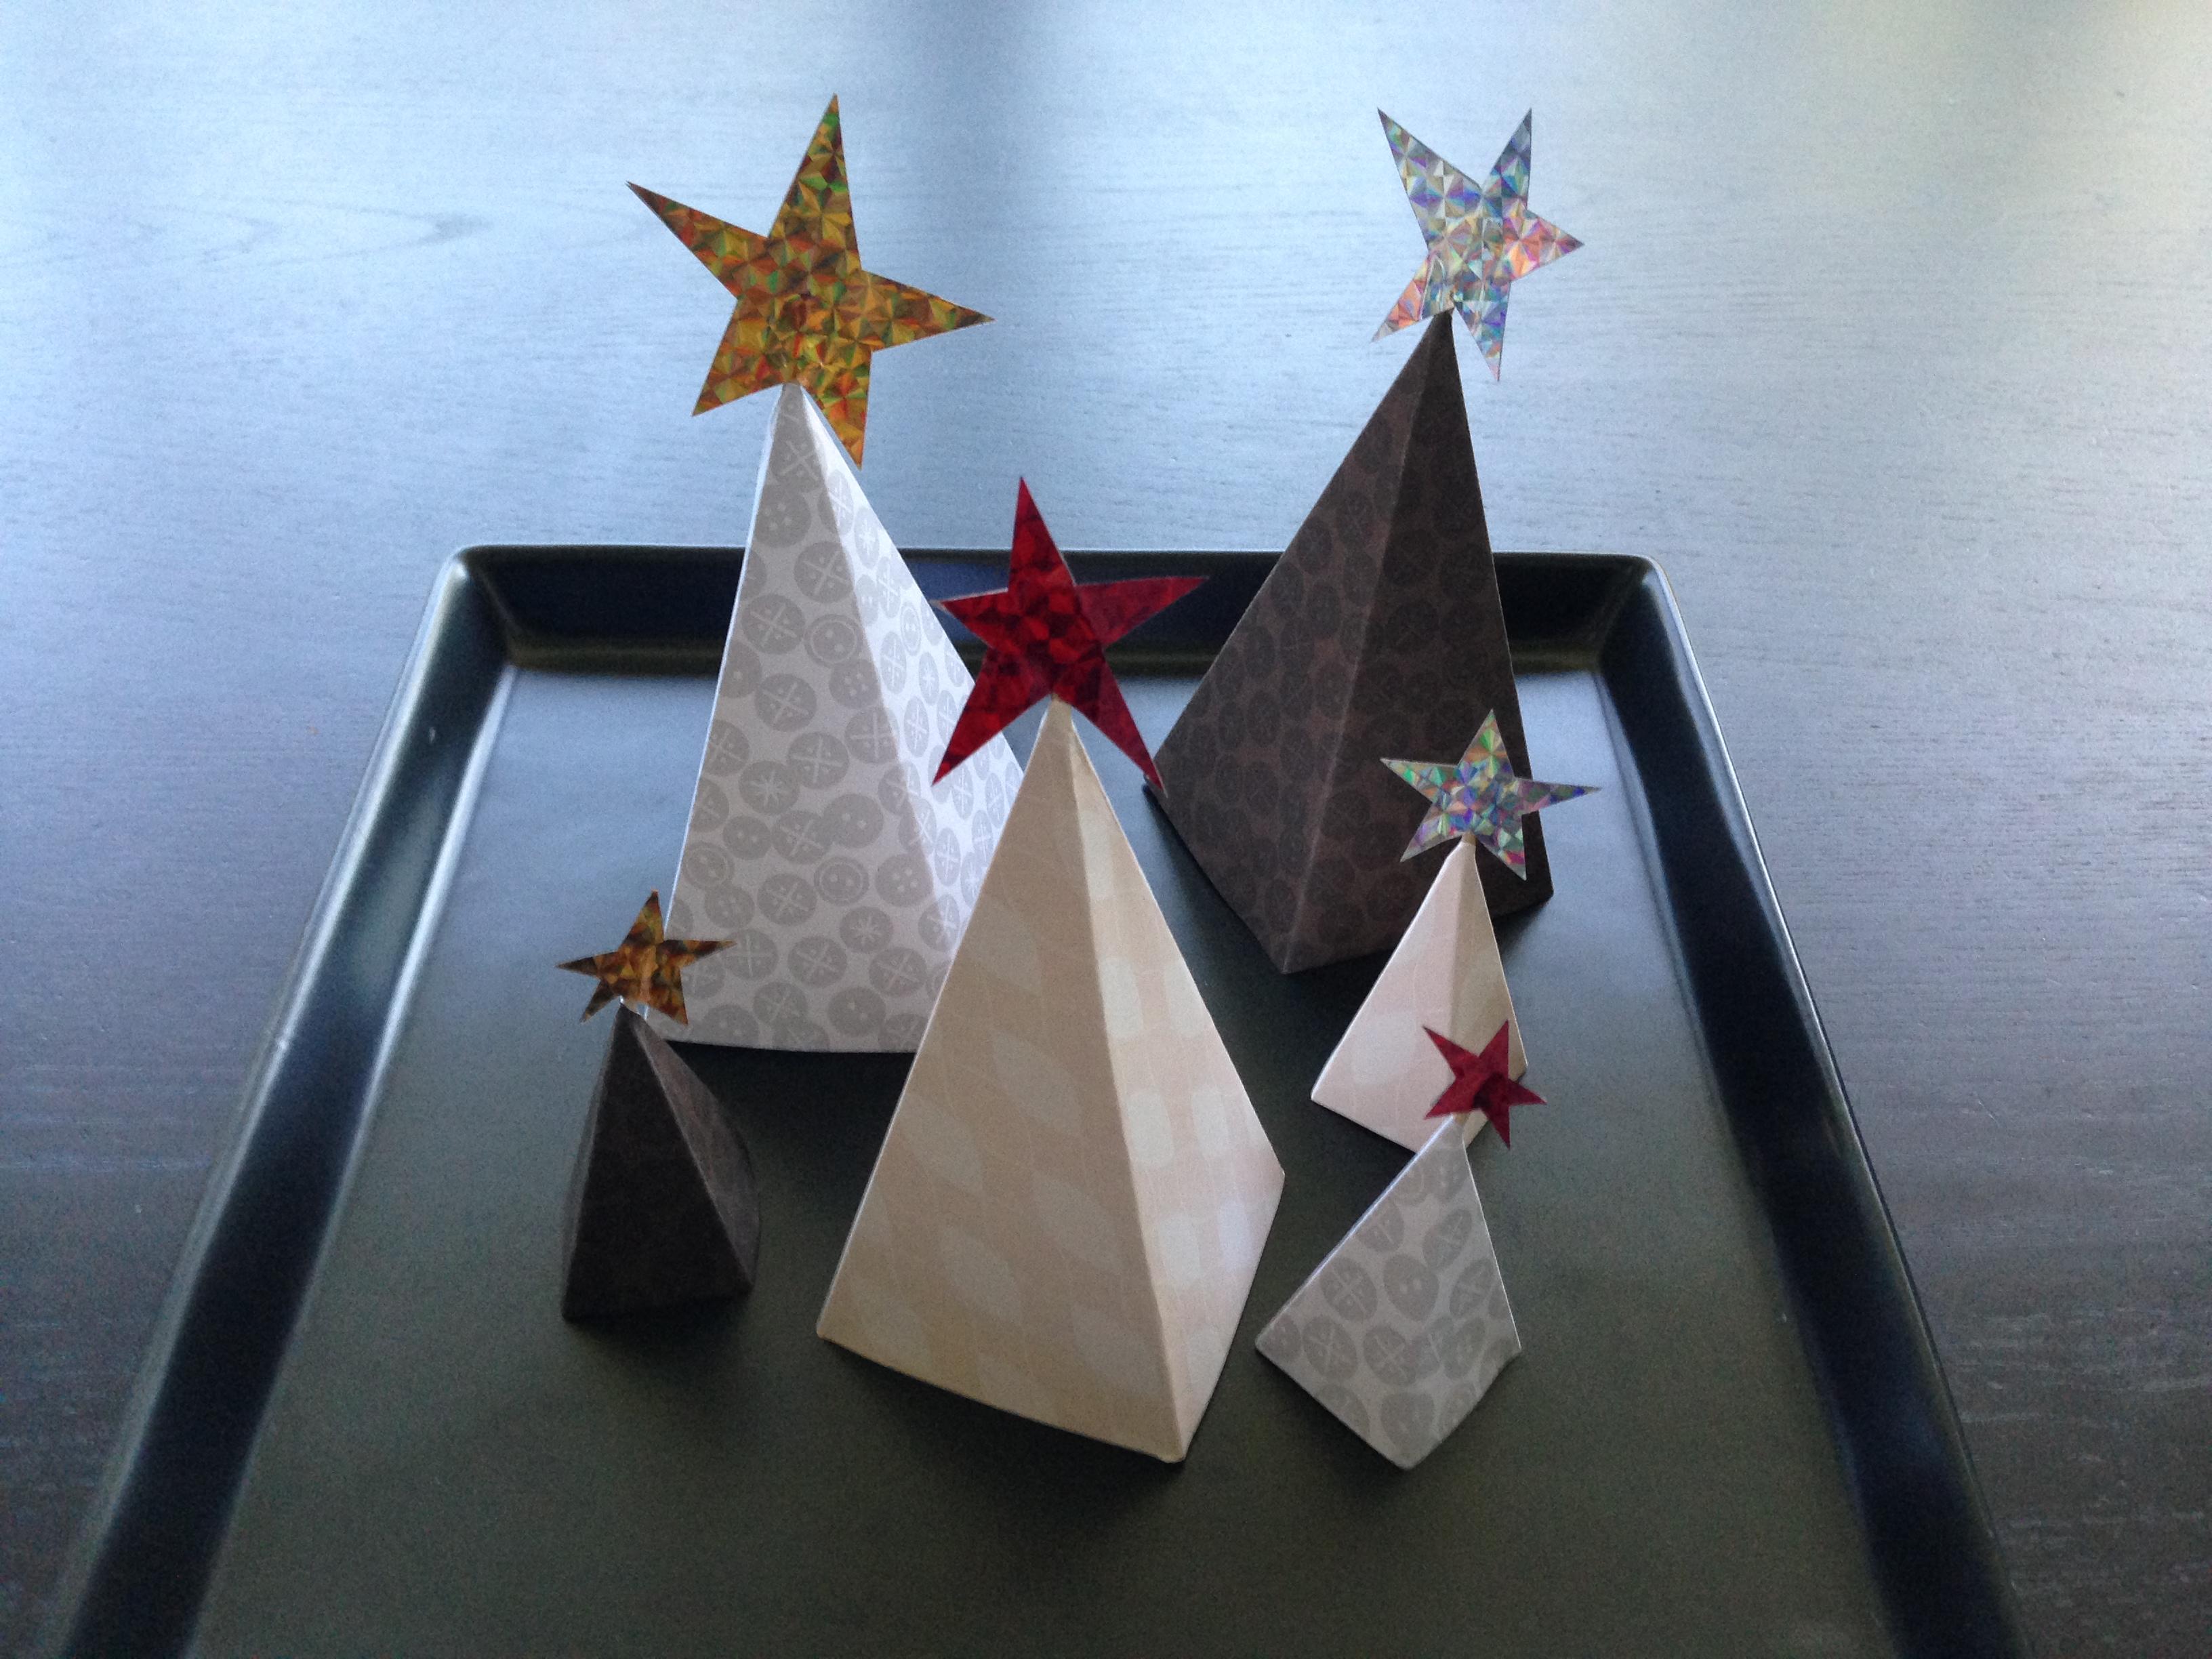 手作り立体クリスマスツリーおしゃれ紙